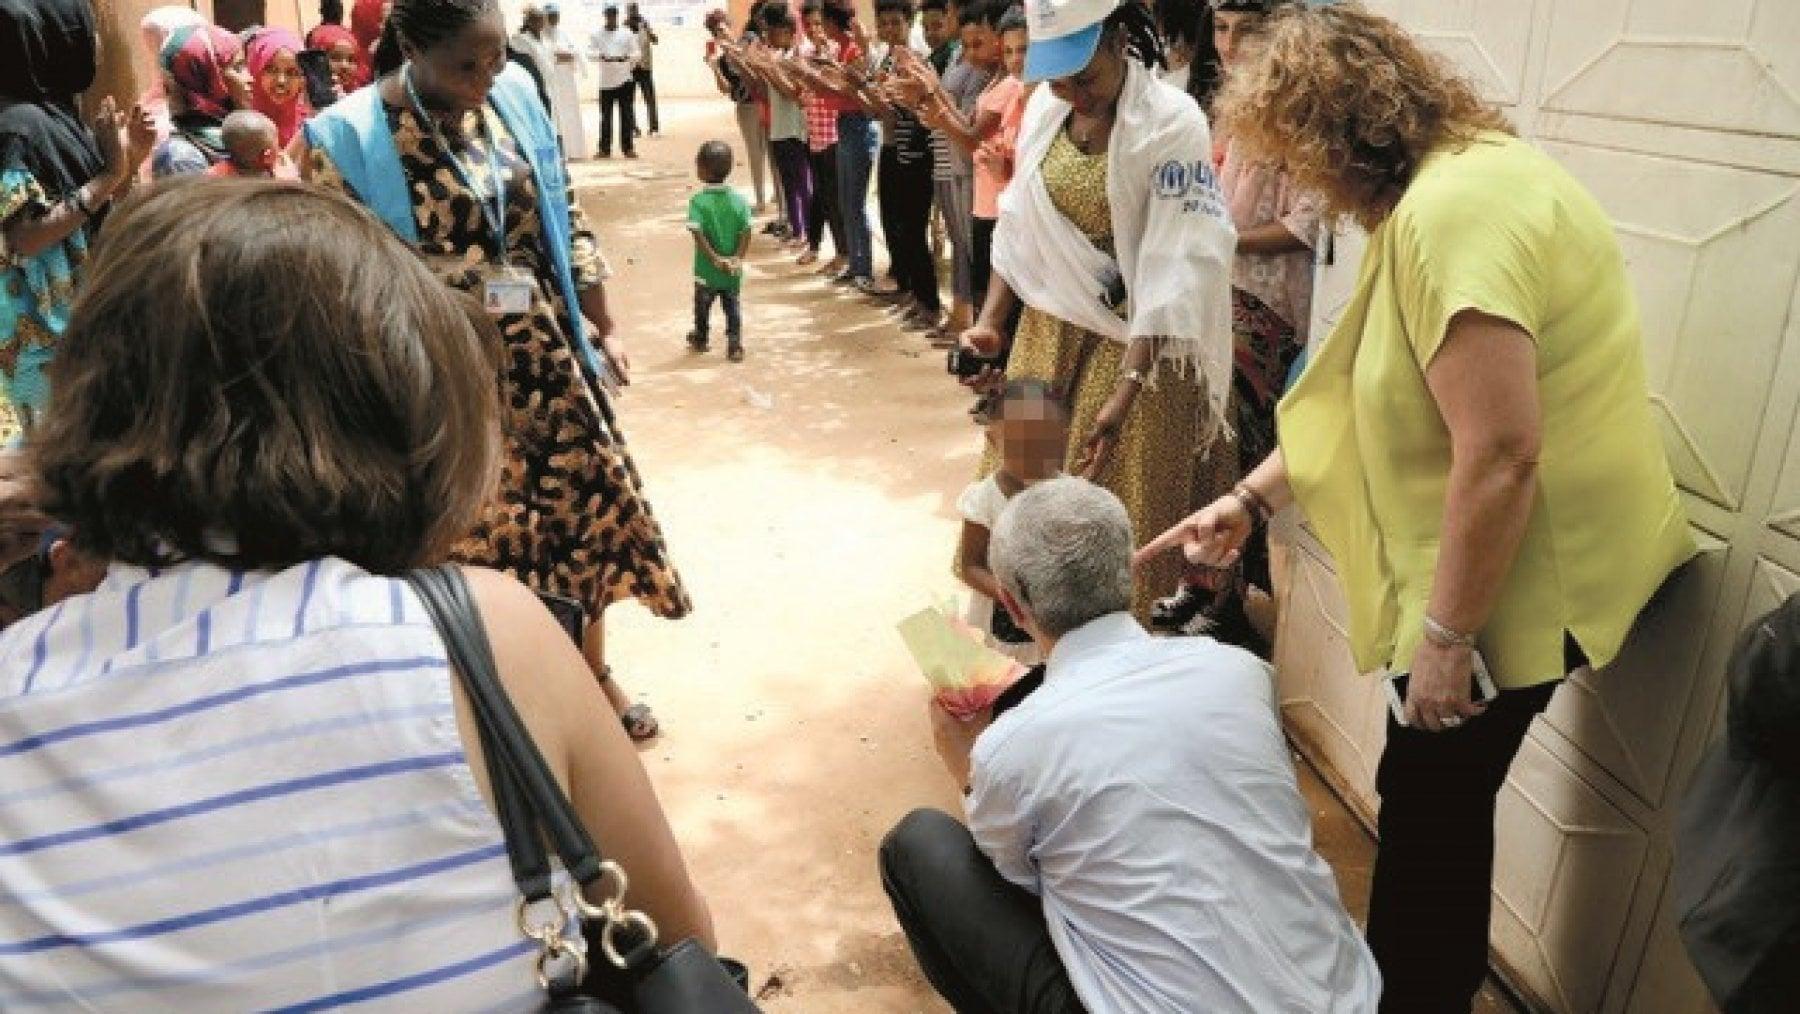 220603838 1d7286cc b07d 42b8 ac6a dbf955a89057 - Niger al voto tra crisi dei migranti e lotta al terrorismo: primo passaggio di poteri democratico dall'indipendenza